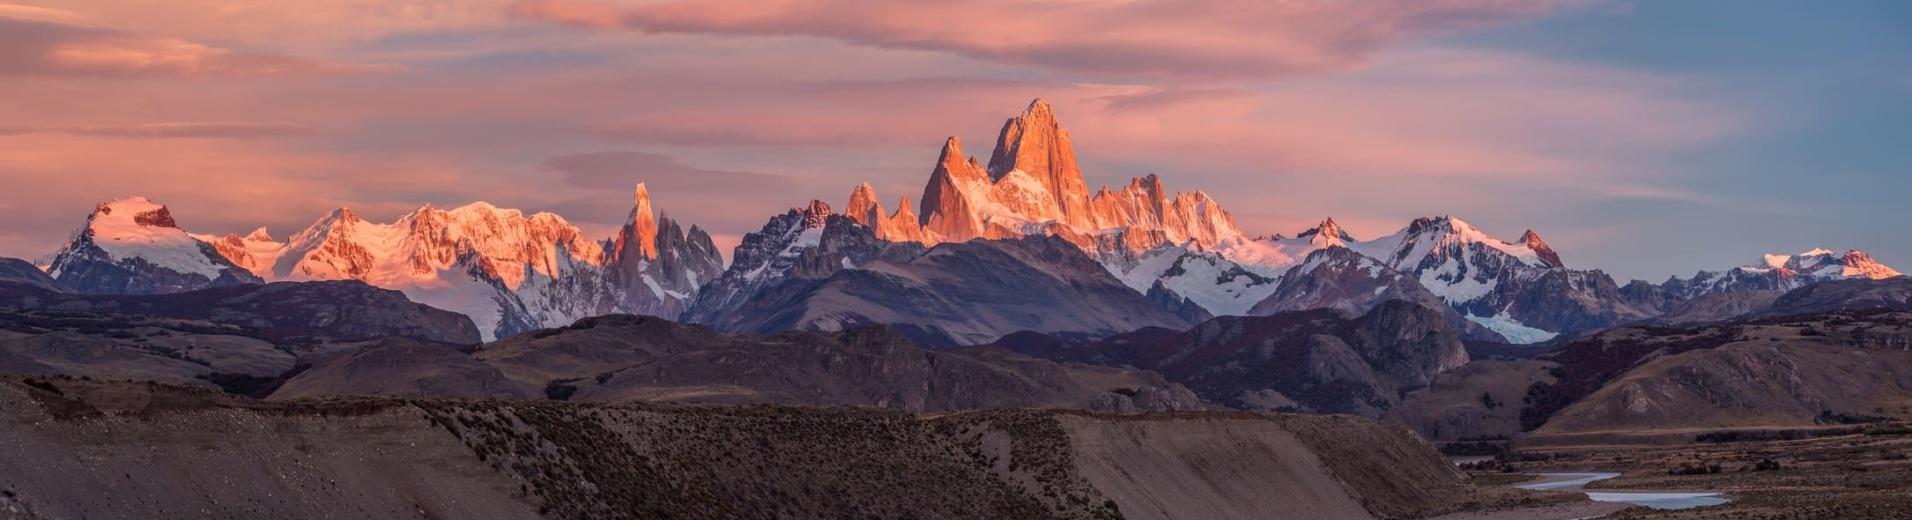 Fitz Roy, Patagonie, Argentine, Sunset